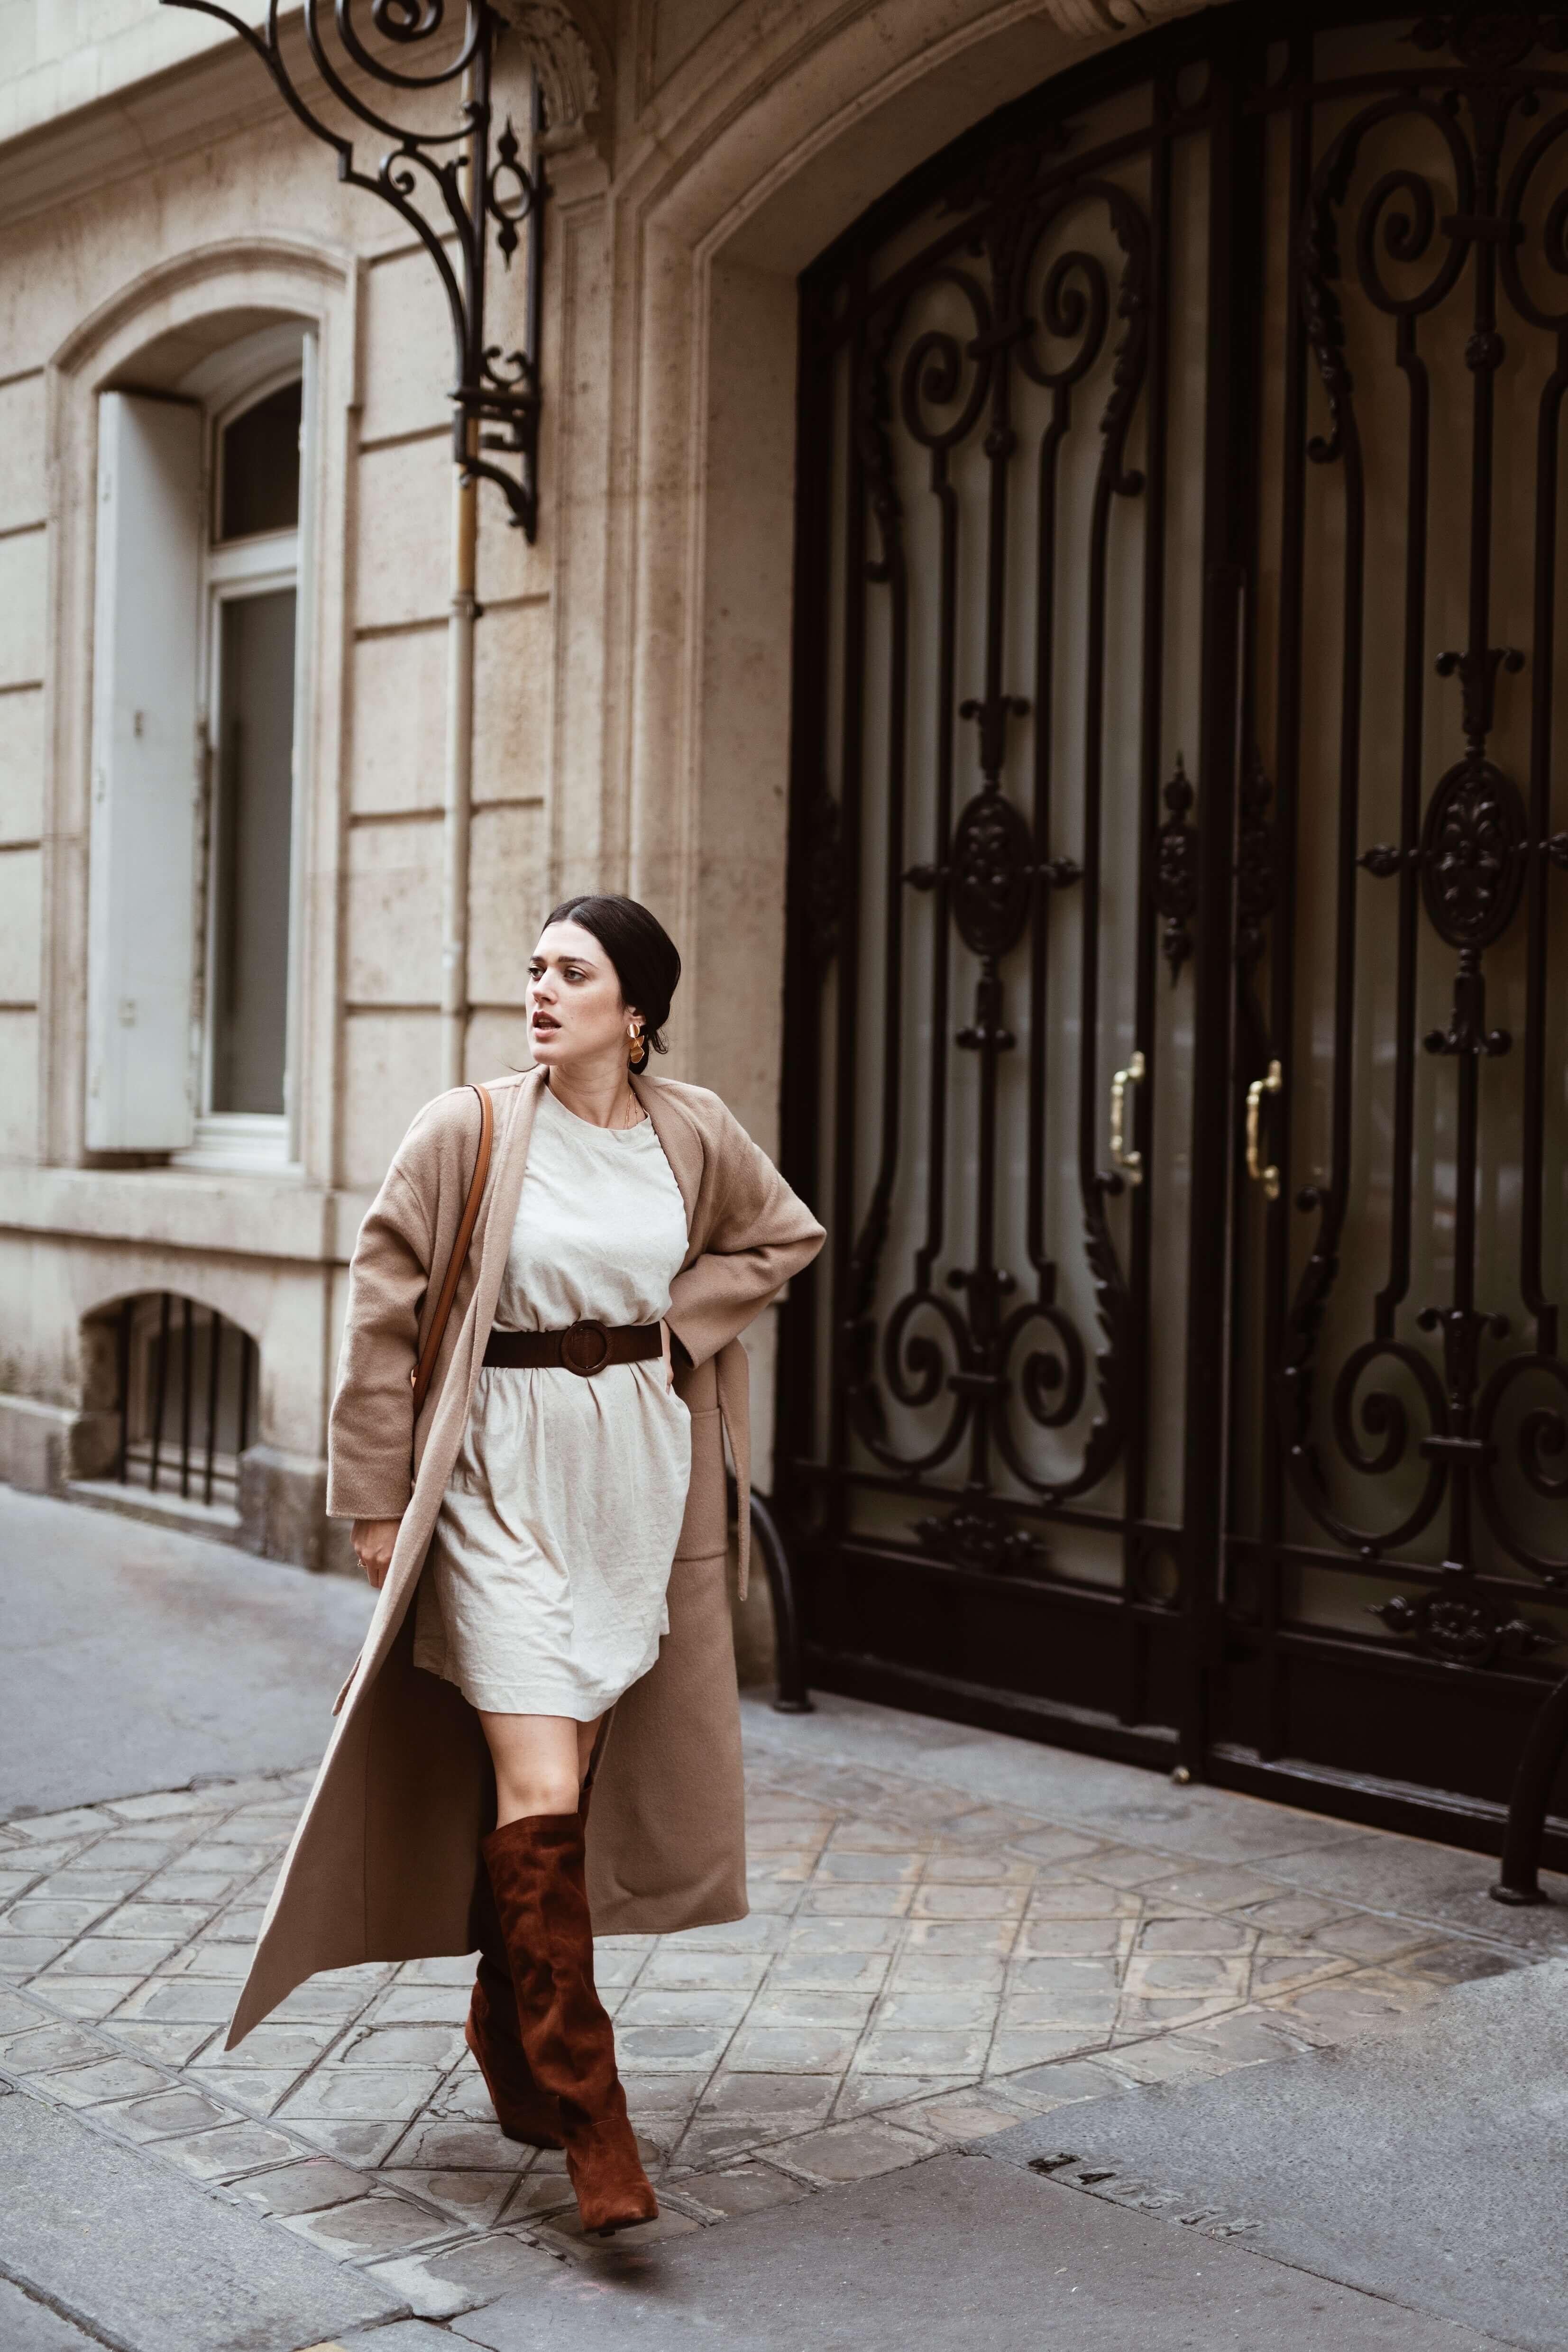 3 ways to wear Trois façons de porter le t-shirt de mon mec la tee-shirt loose L'atelier d'al latelierdal blog mode fashion lifestyle